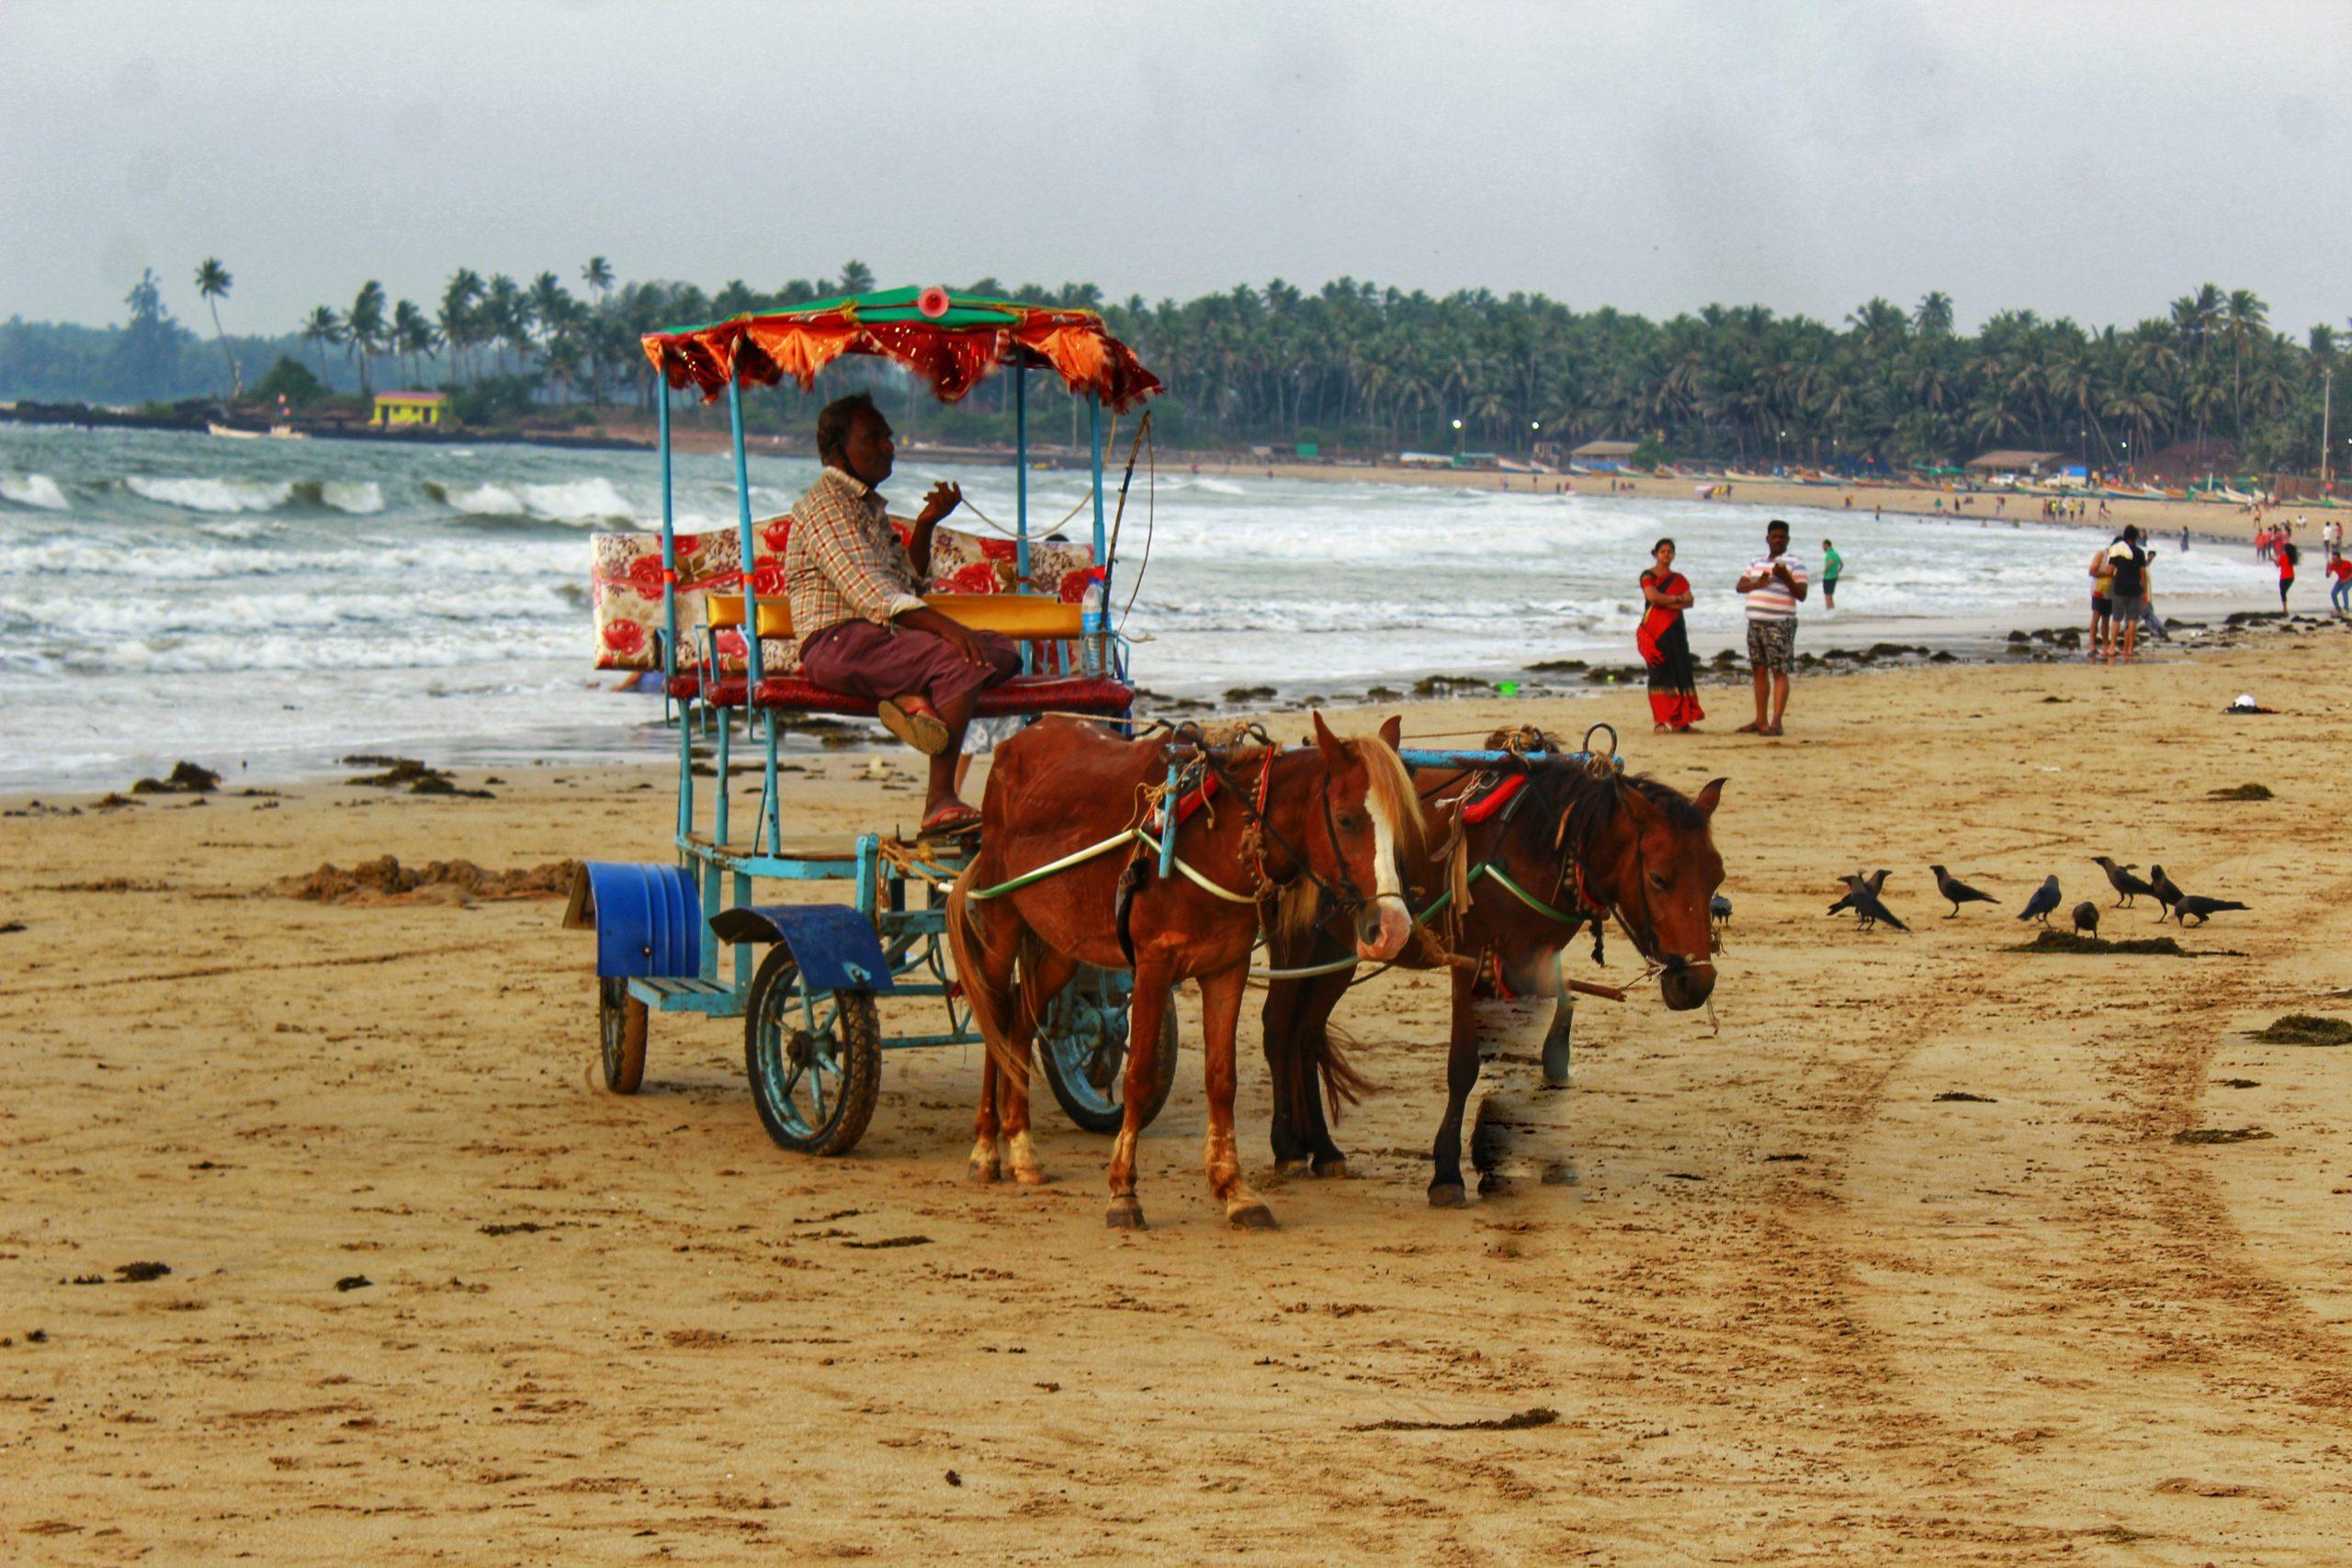 A horse ride cart at Chiwala beach